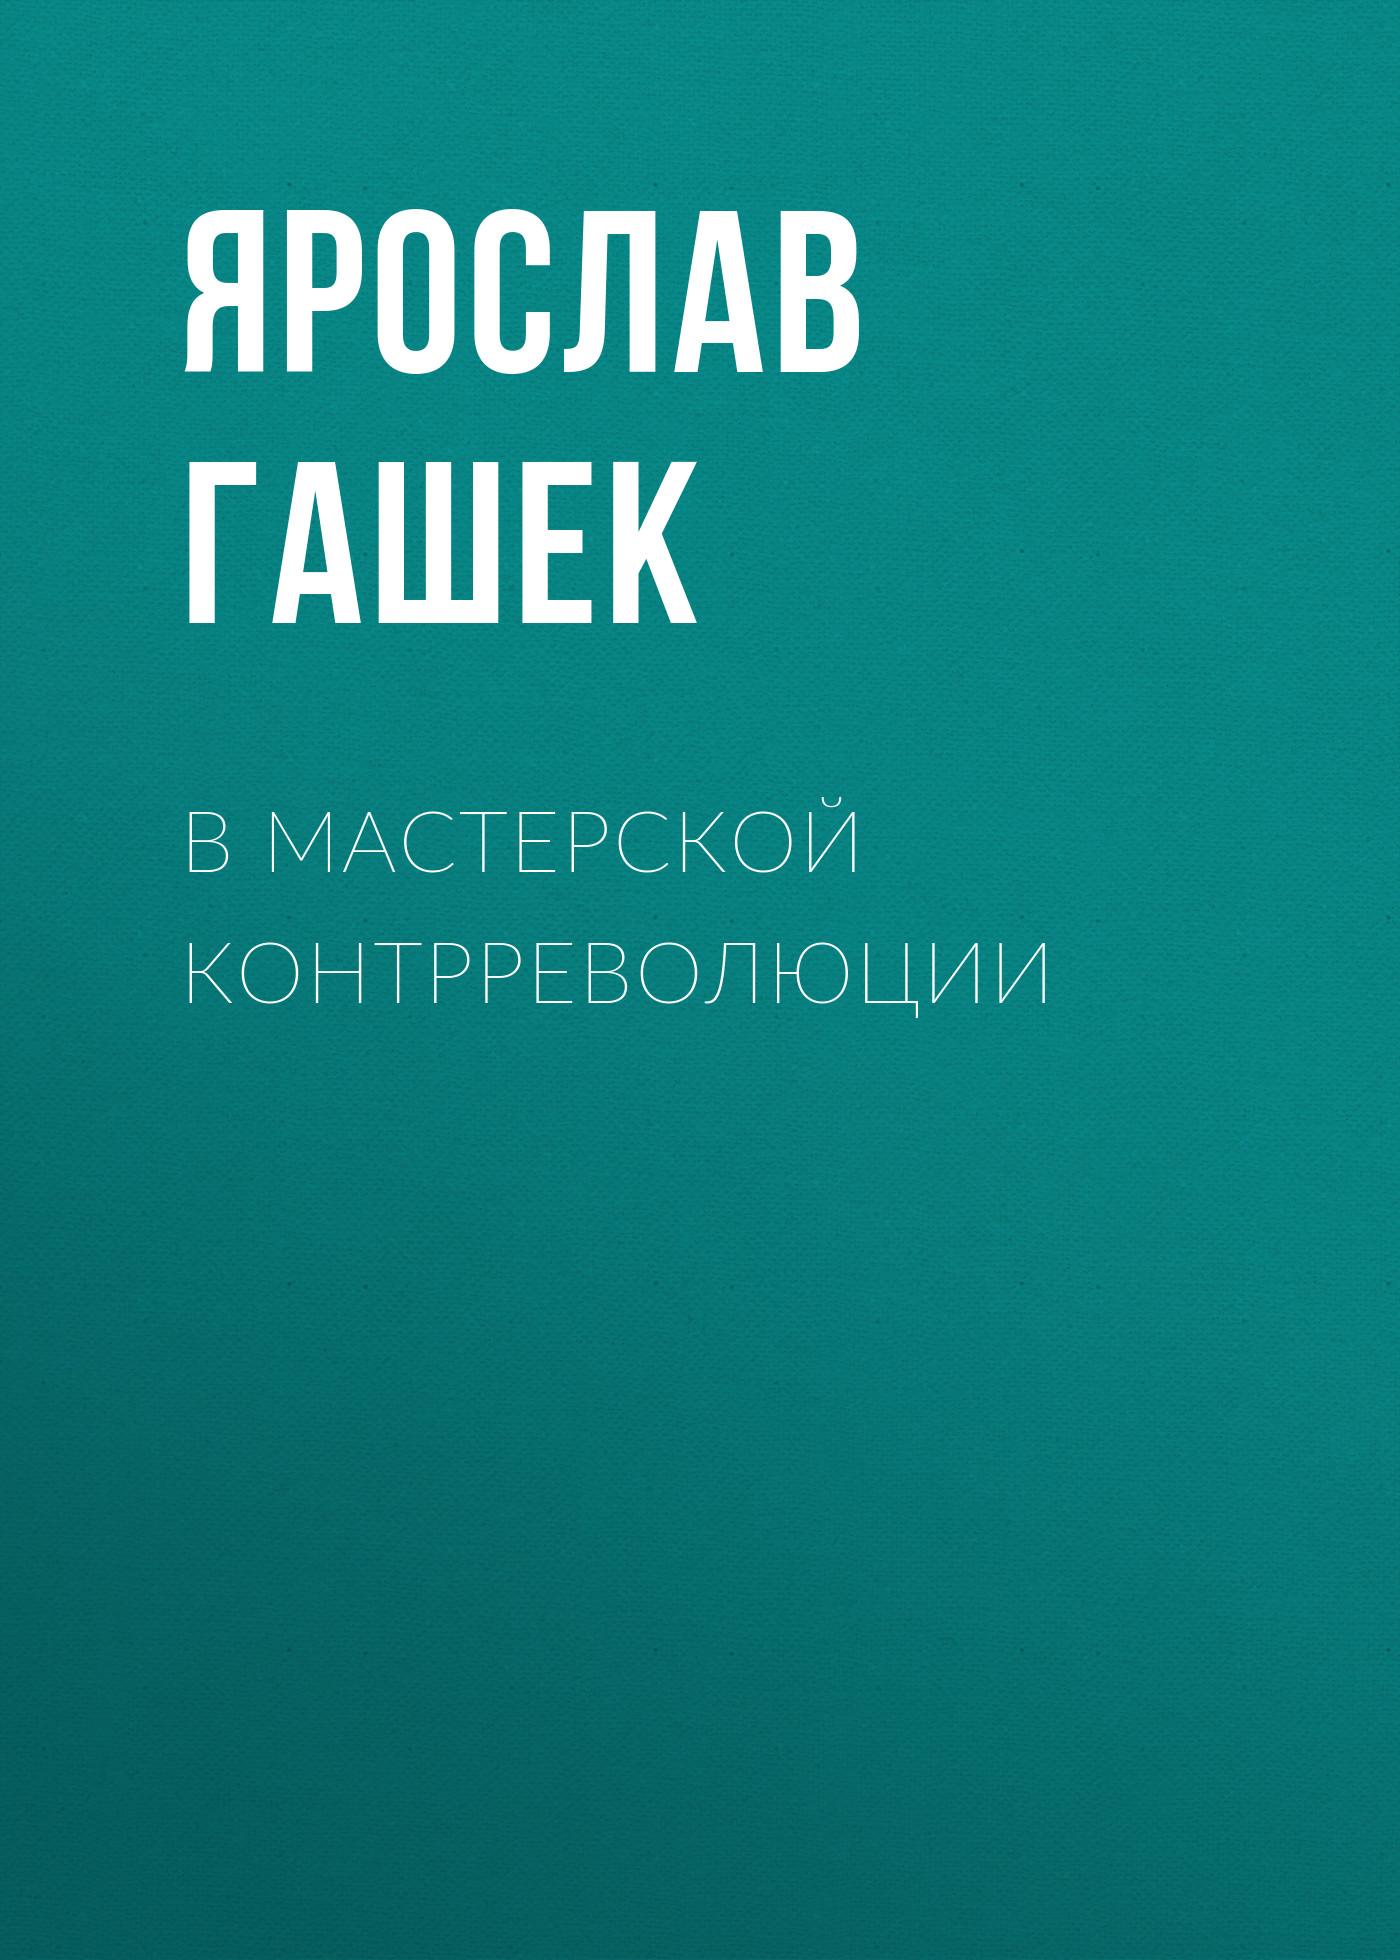 Яросла Гашек мастерской контрреолюции